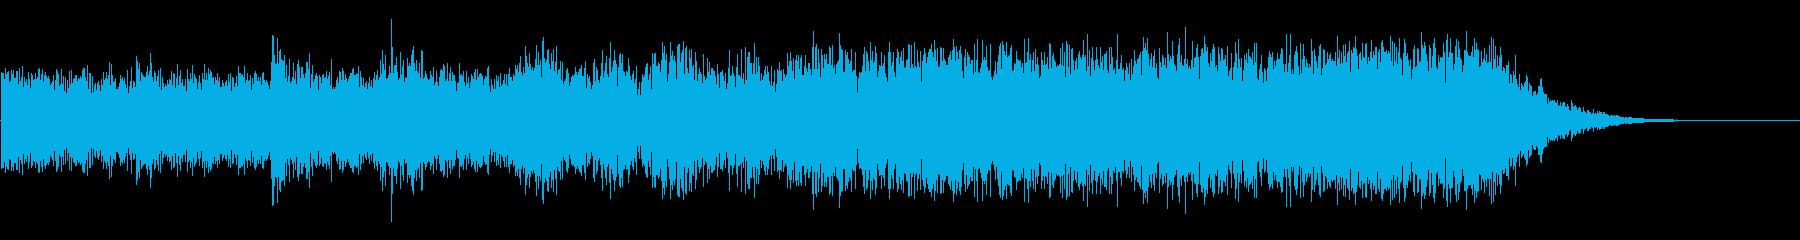 コールドスパイの再生済みの波形